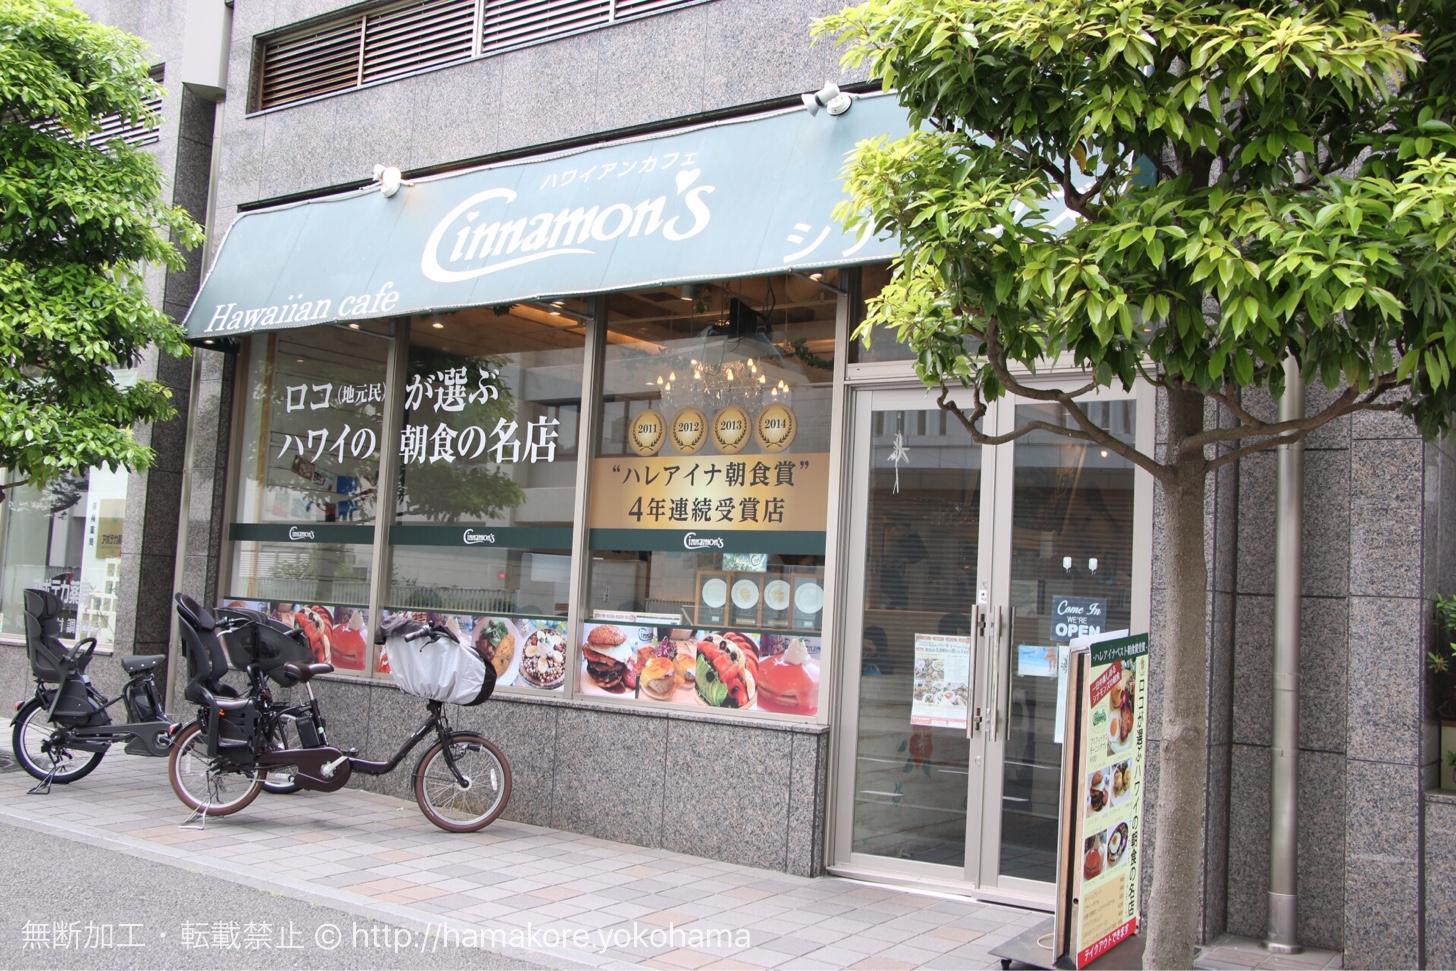 シナモンズ 横浜山下公園店 外観